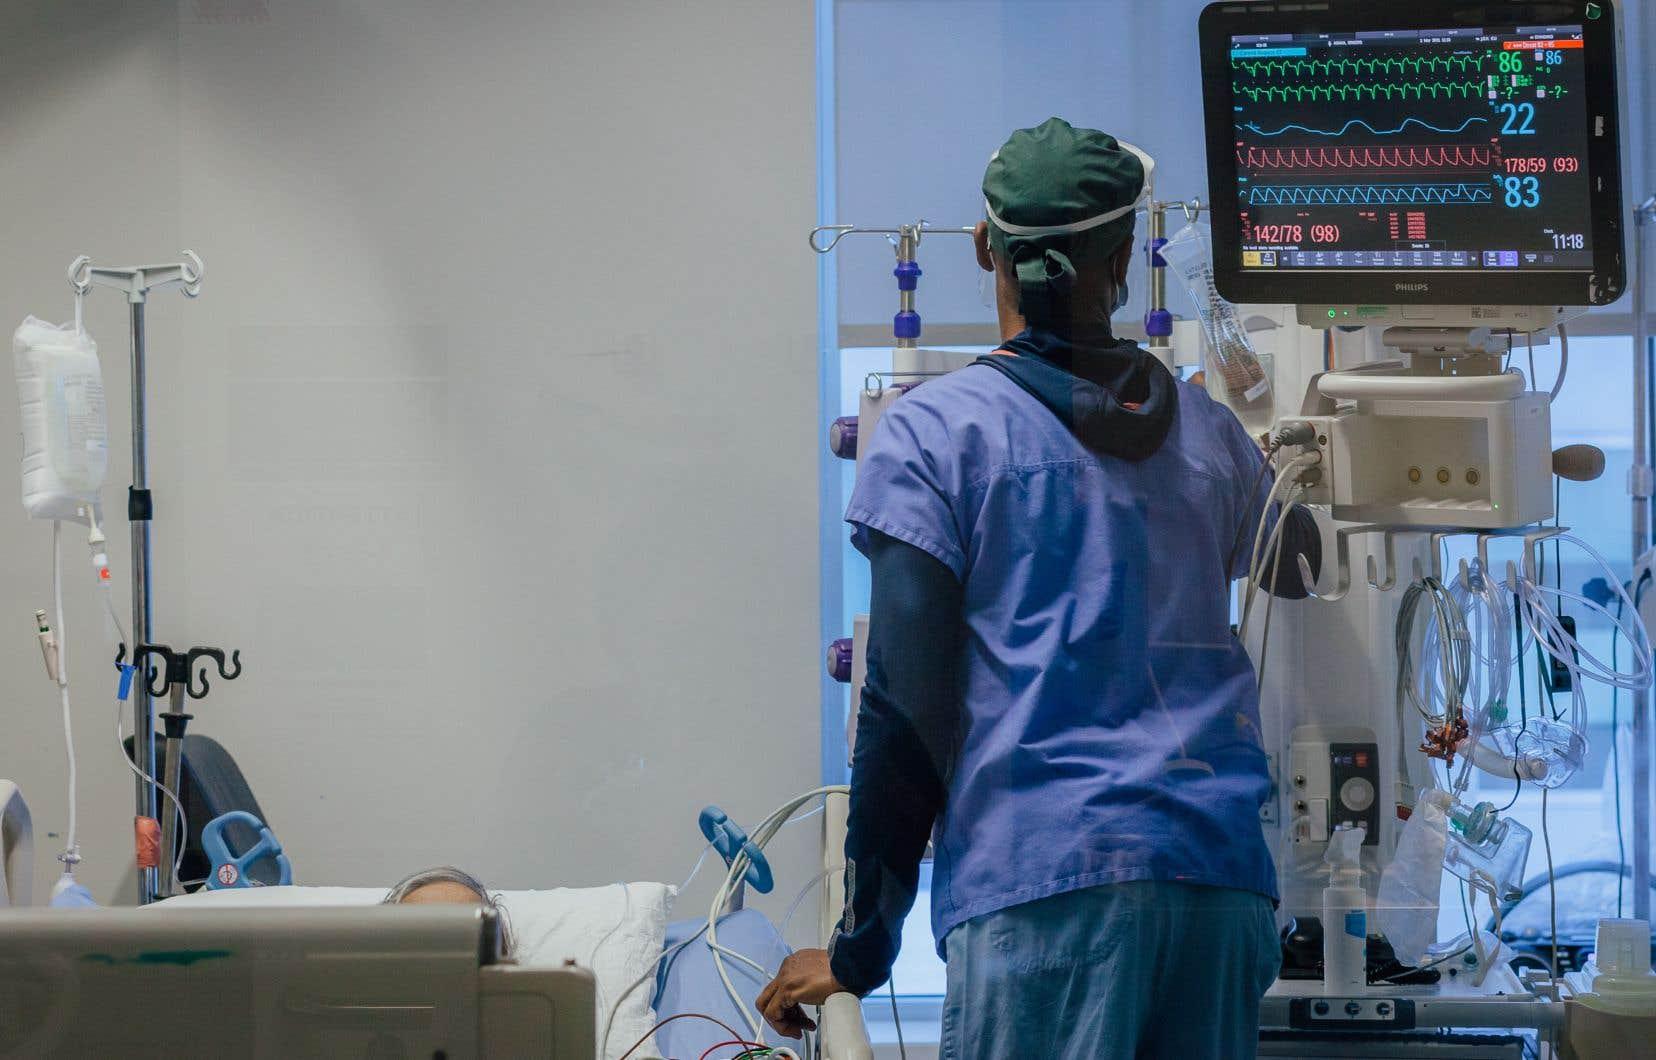 Sur les quelque 1000 infirmières que le ministre Dubé adéjà réussi à persuader, 54 étaient à la retraite, 231 étaient considérées comme de la main-d'œuvre indépendante et 720 sont passés d'un poste à temps partiel à un poste à temps plein.